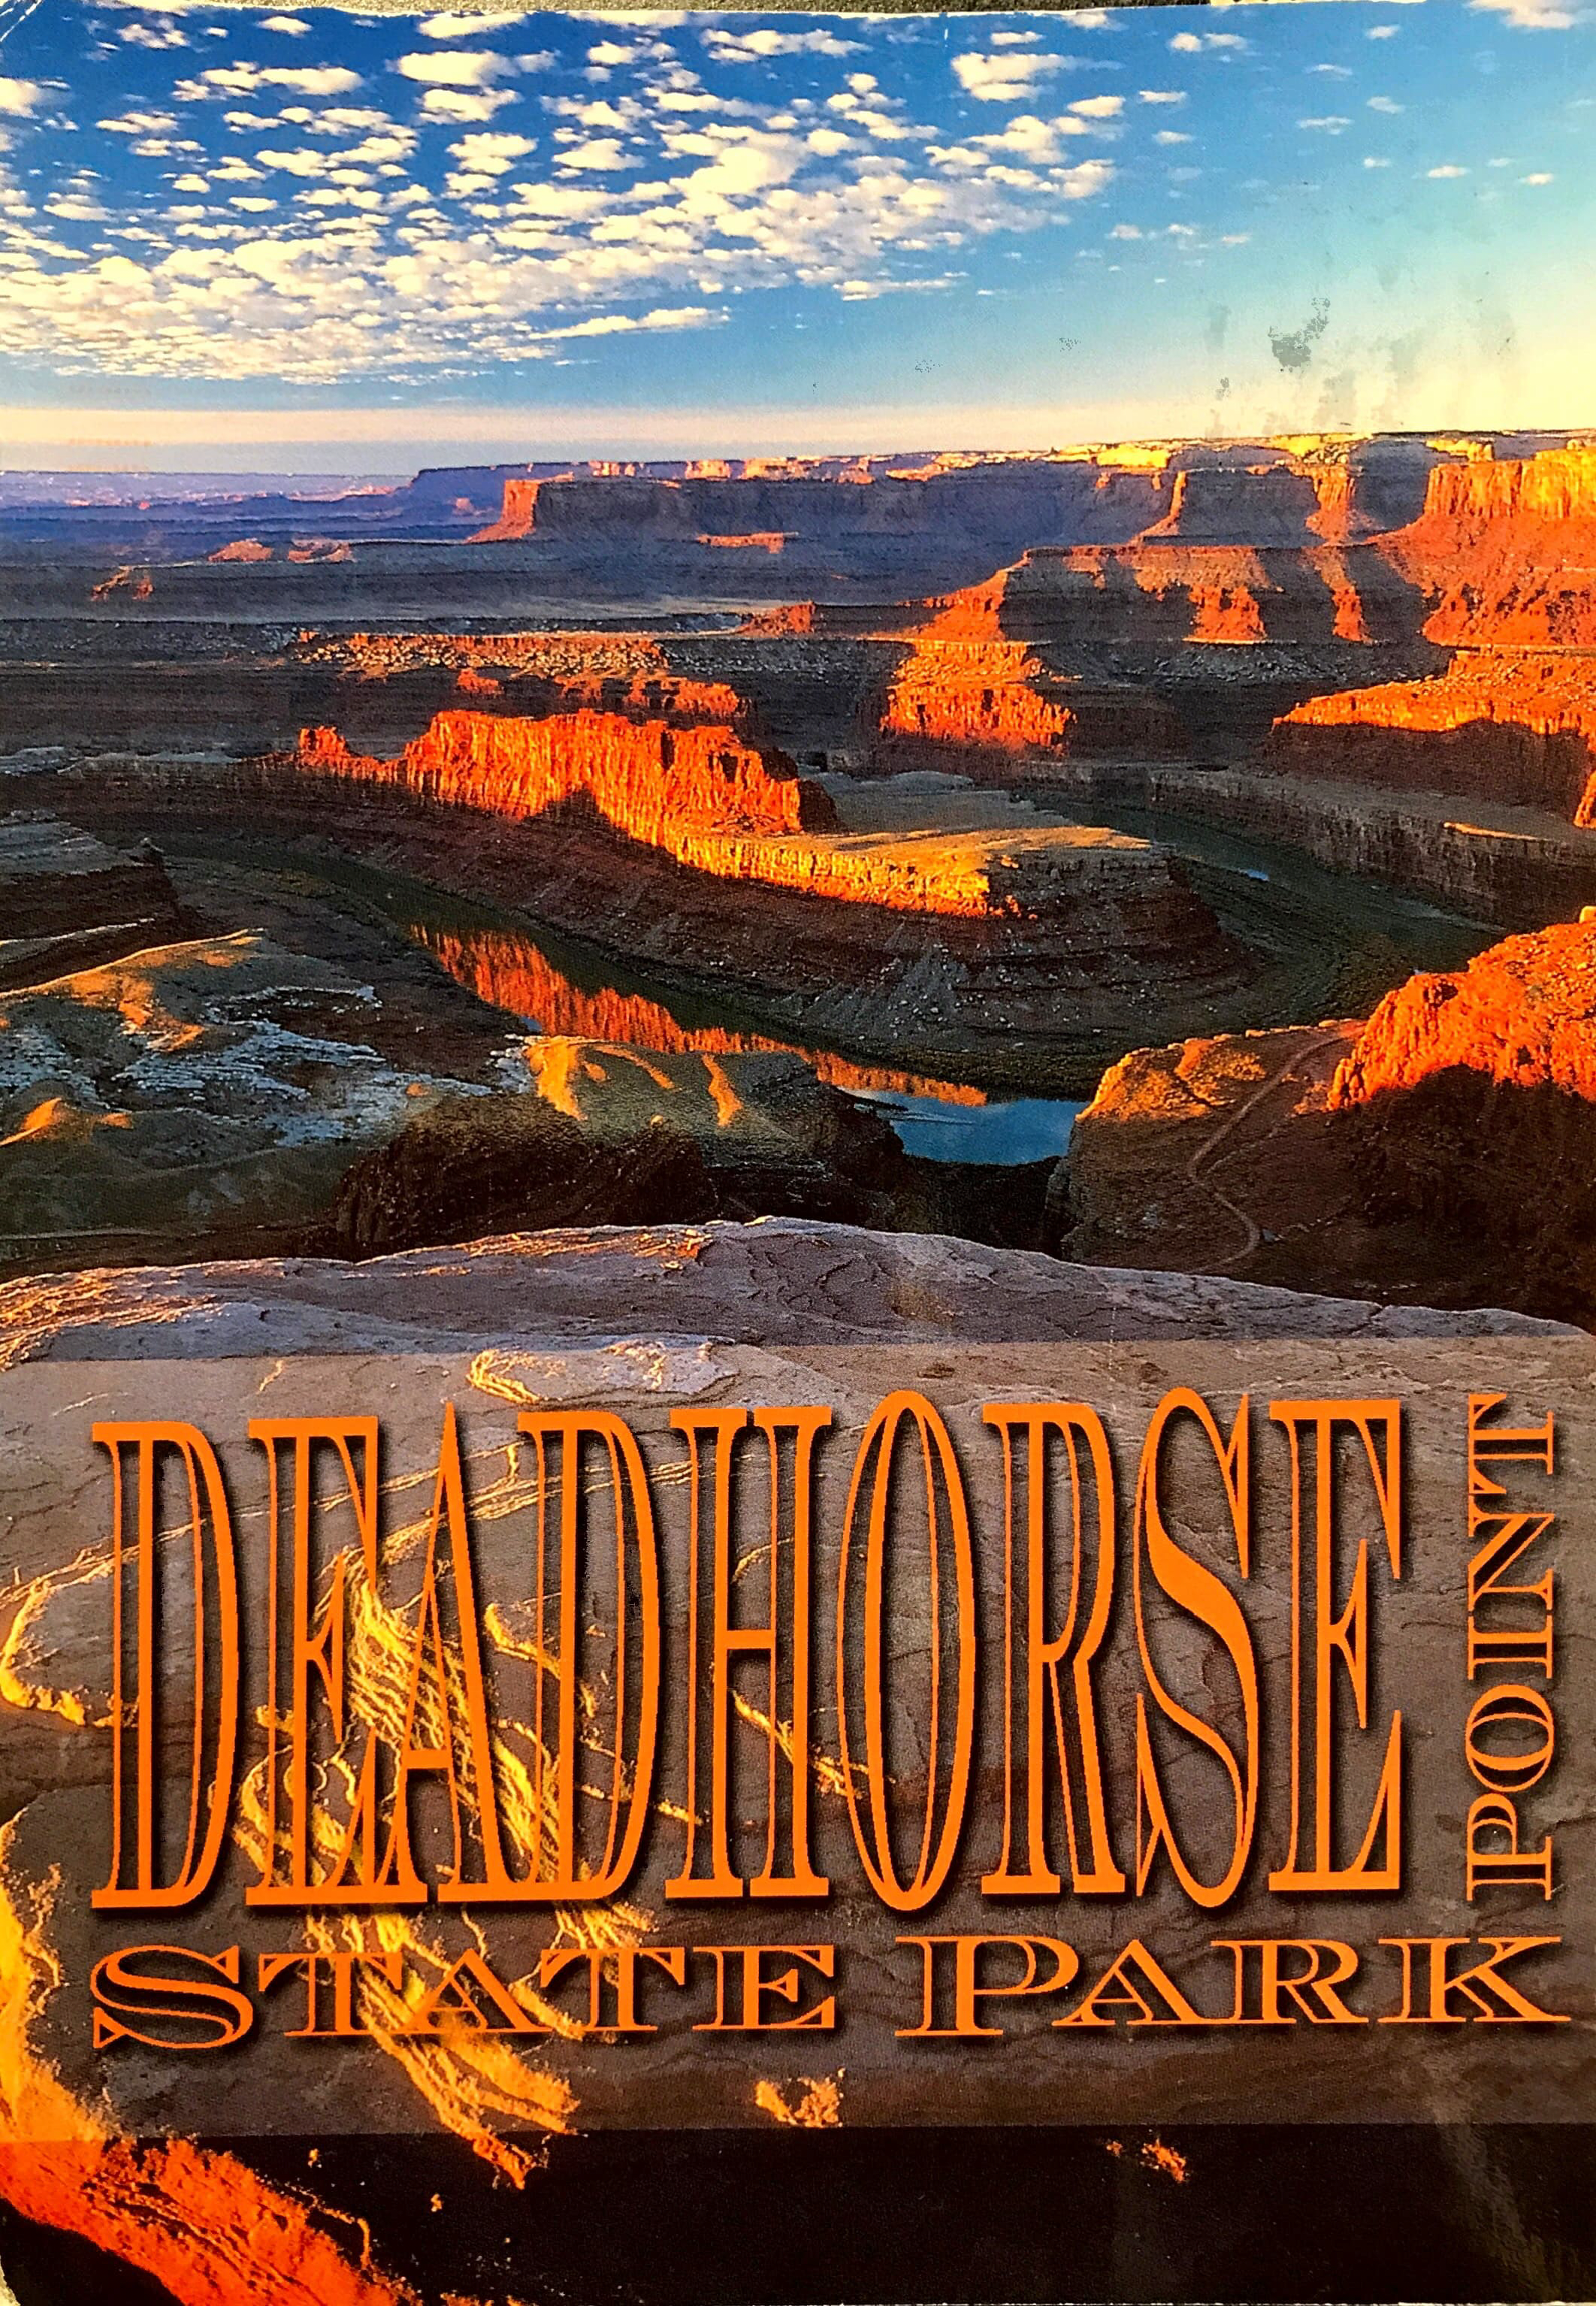 Cover of postcard from Carsten Rott (University of Utah, USA)